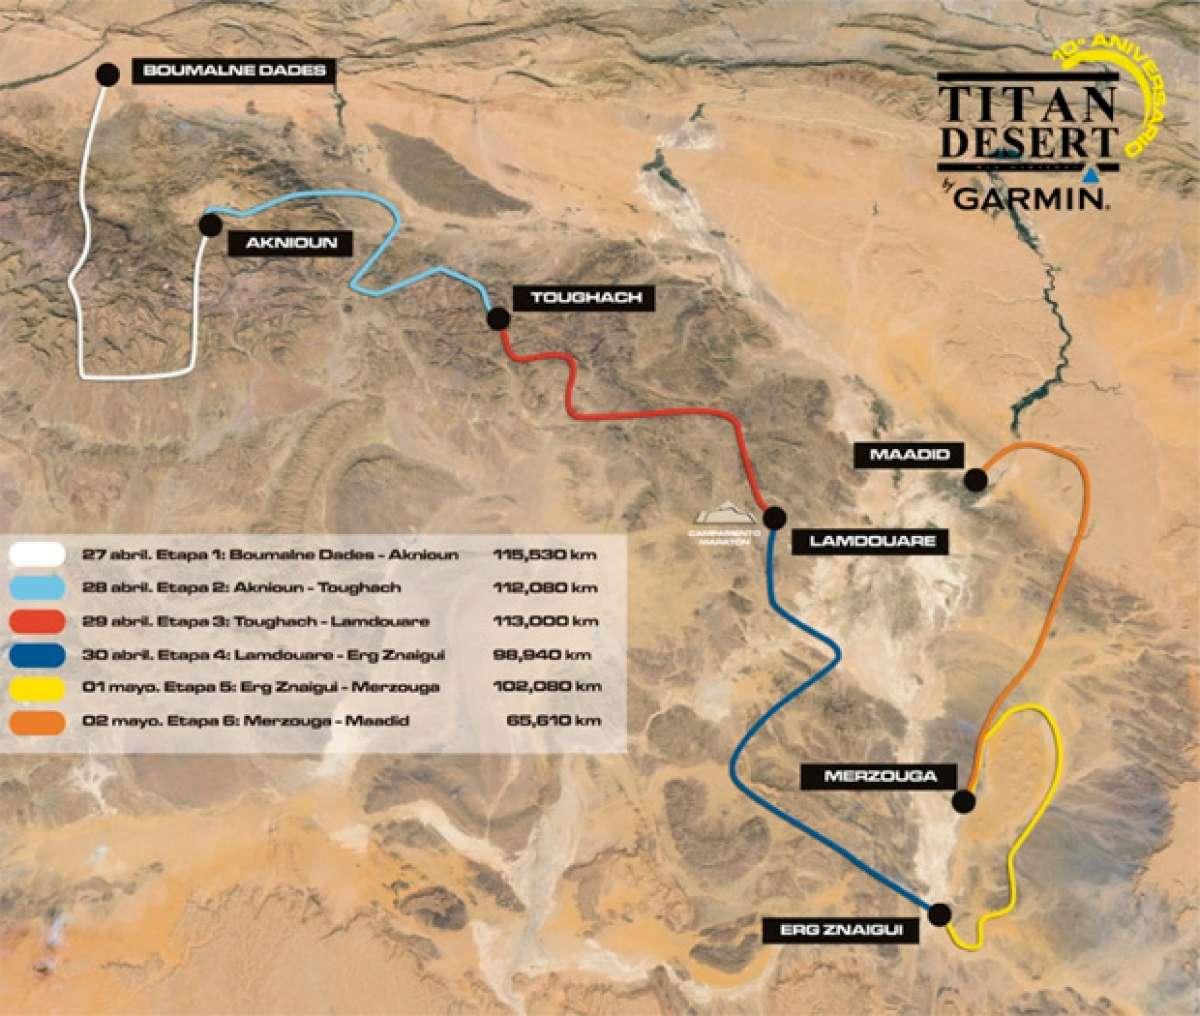 Titan Desert 2015: Alta montaña, desierto extremo y navegación para el recorrido de su décima edición